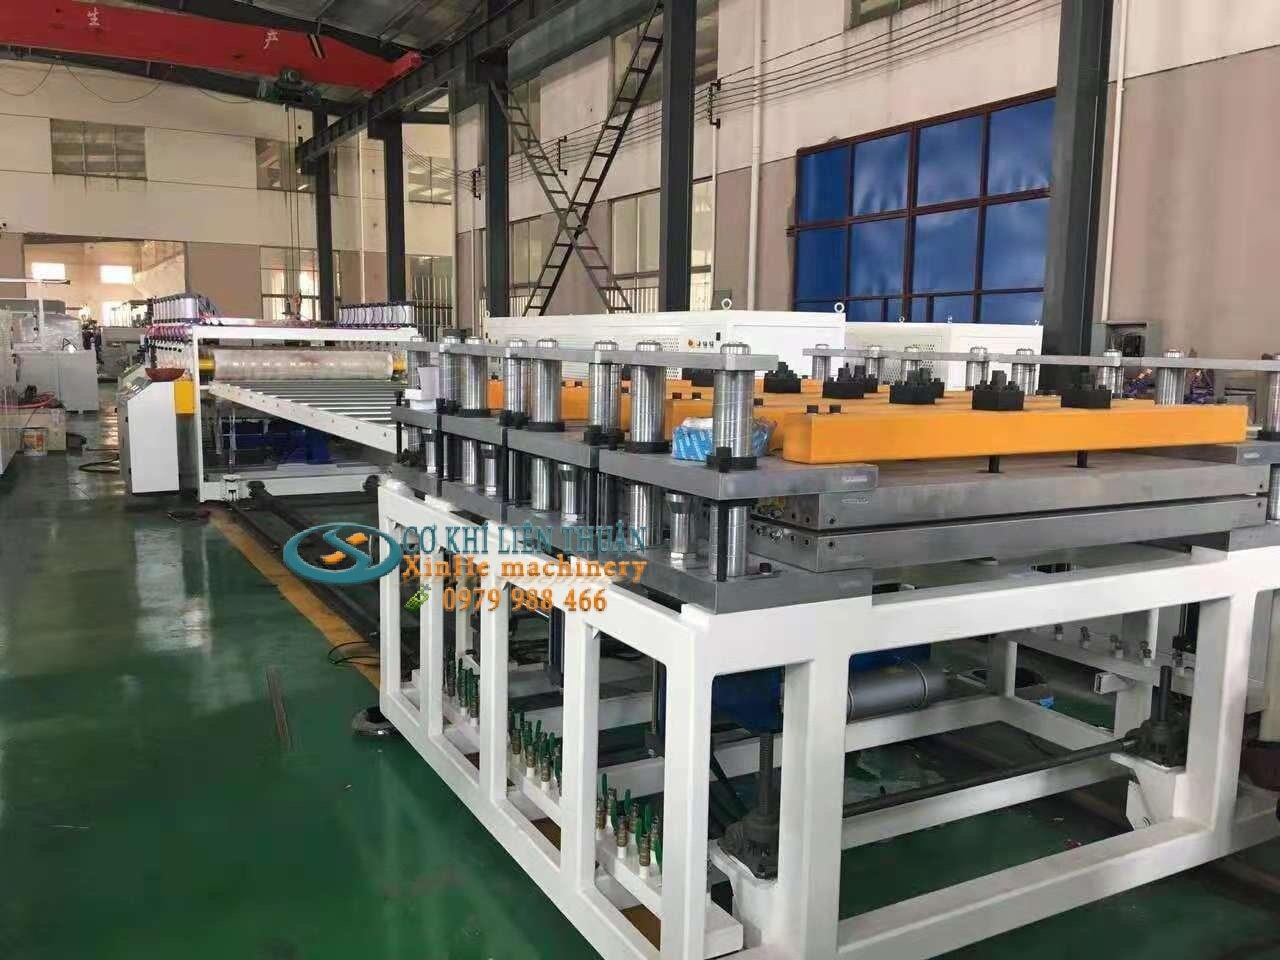 dây chuyền sản xuất chất liệu fomex